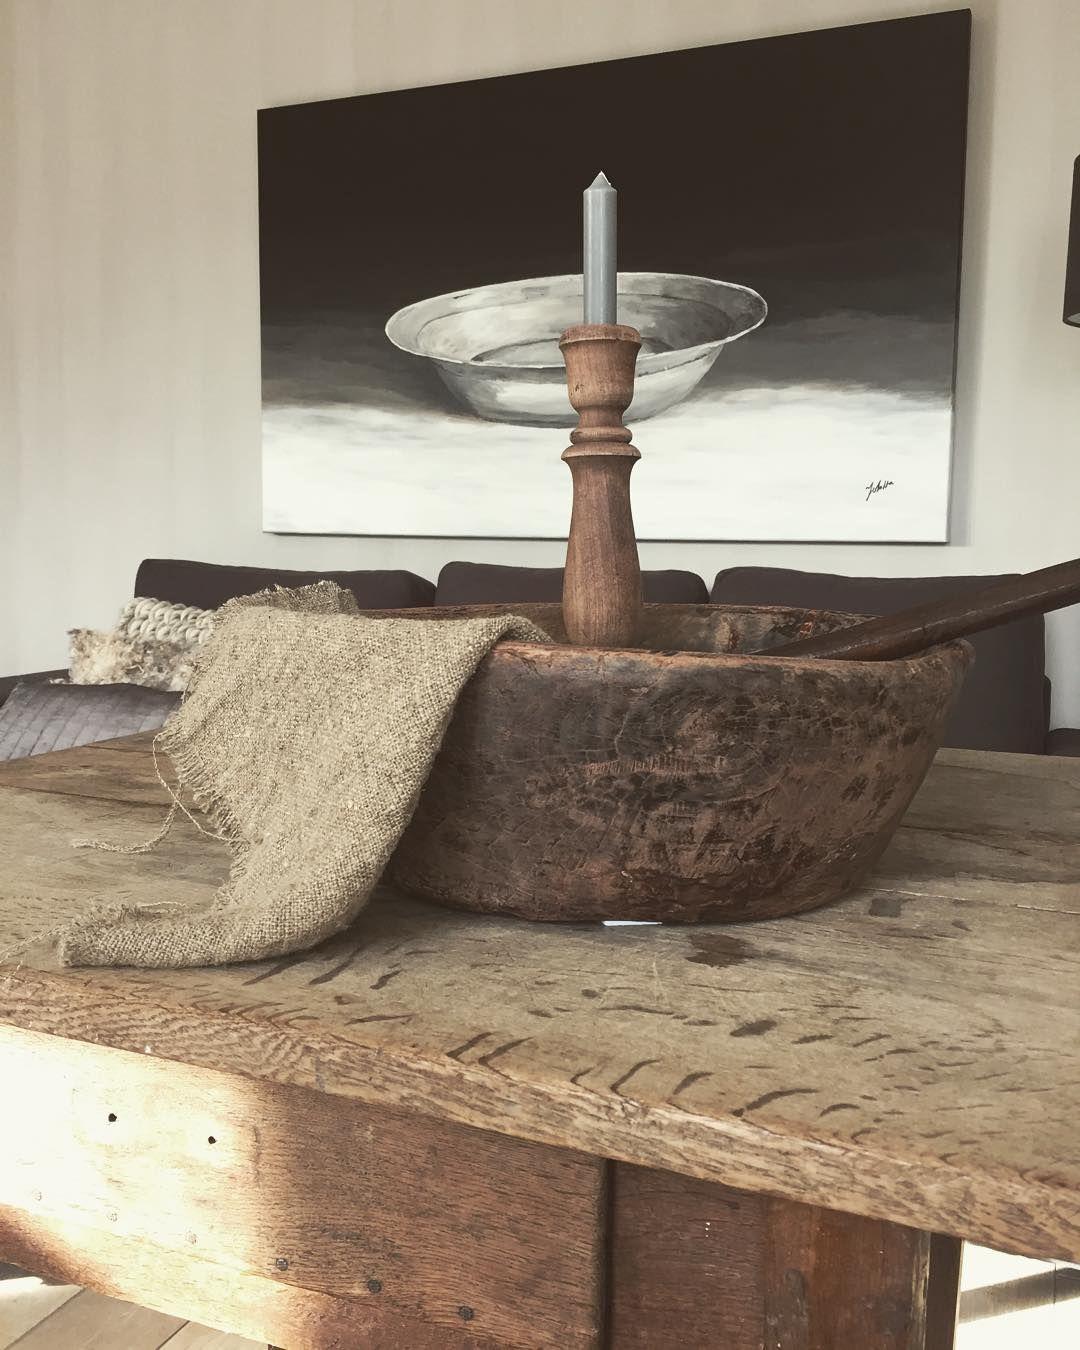 M o r n i n g !  #home#homedecor #soberwonen #interior #sfeer#wonenlandelijkestijl #linnen#hout#robuust #dewemelaer by thuisbijdien